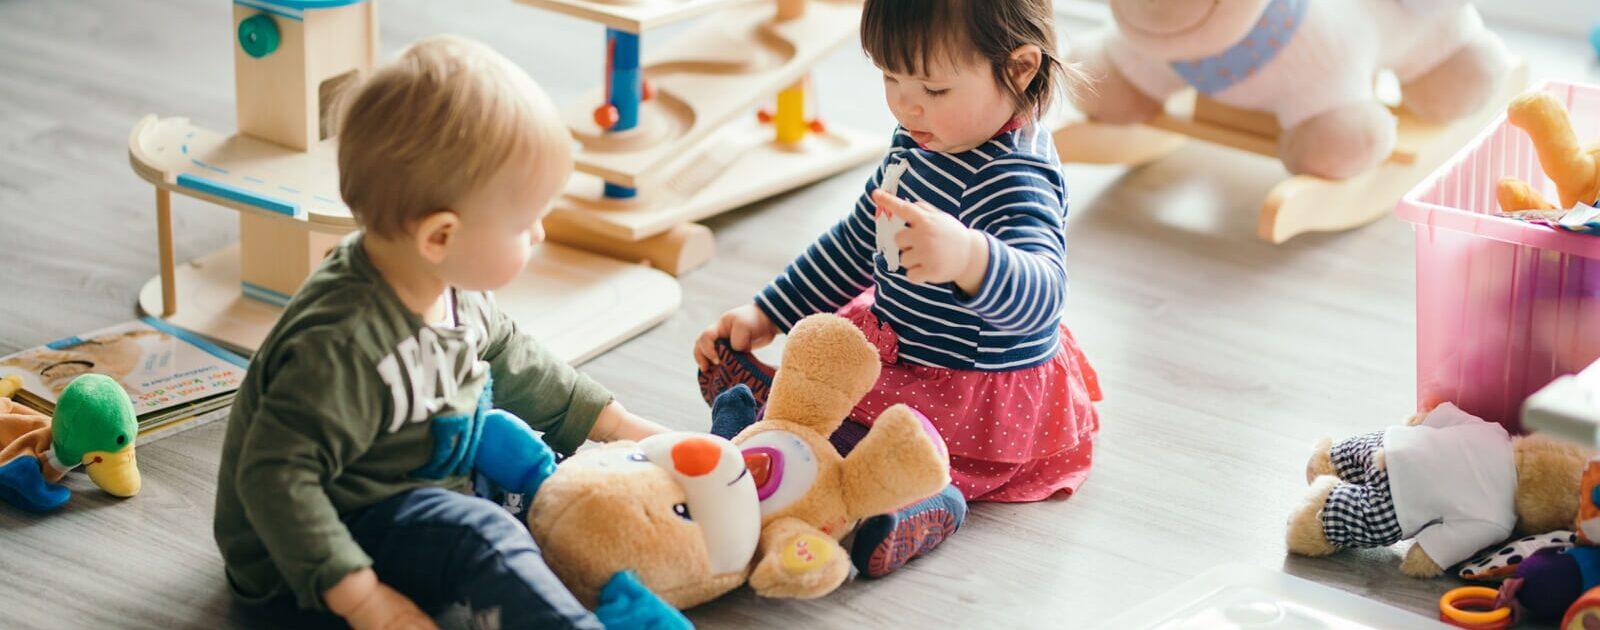 Entwicklung von Kindern: Zwei Kleinkinder spielen gemeinsam mit einem Teddybär.